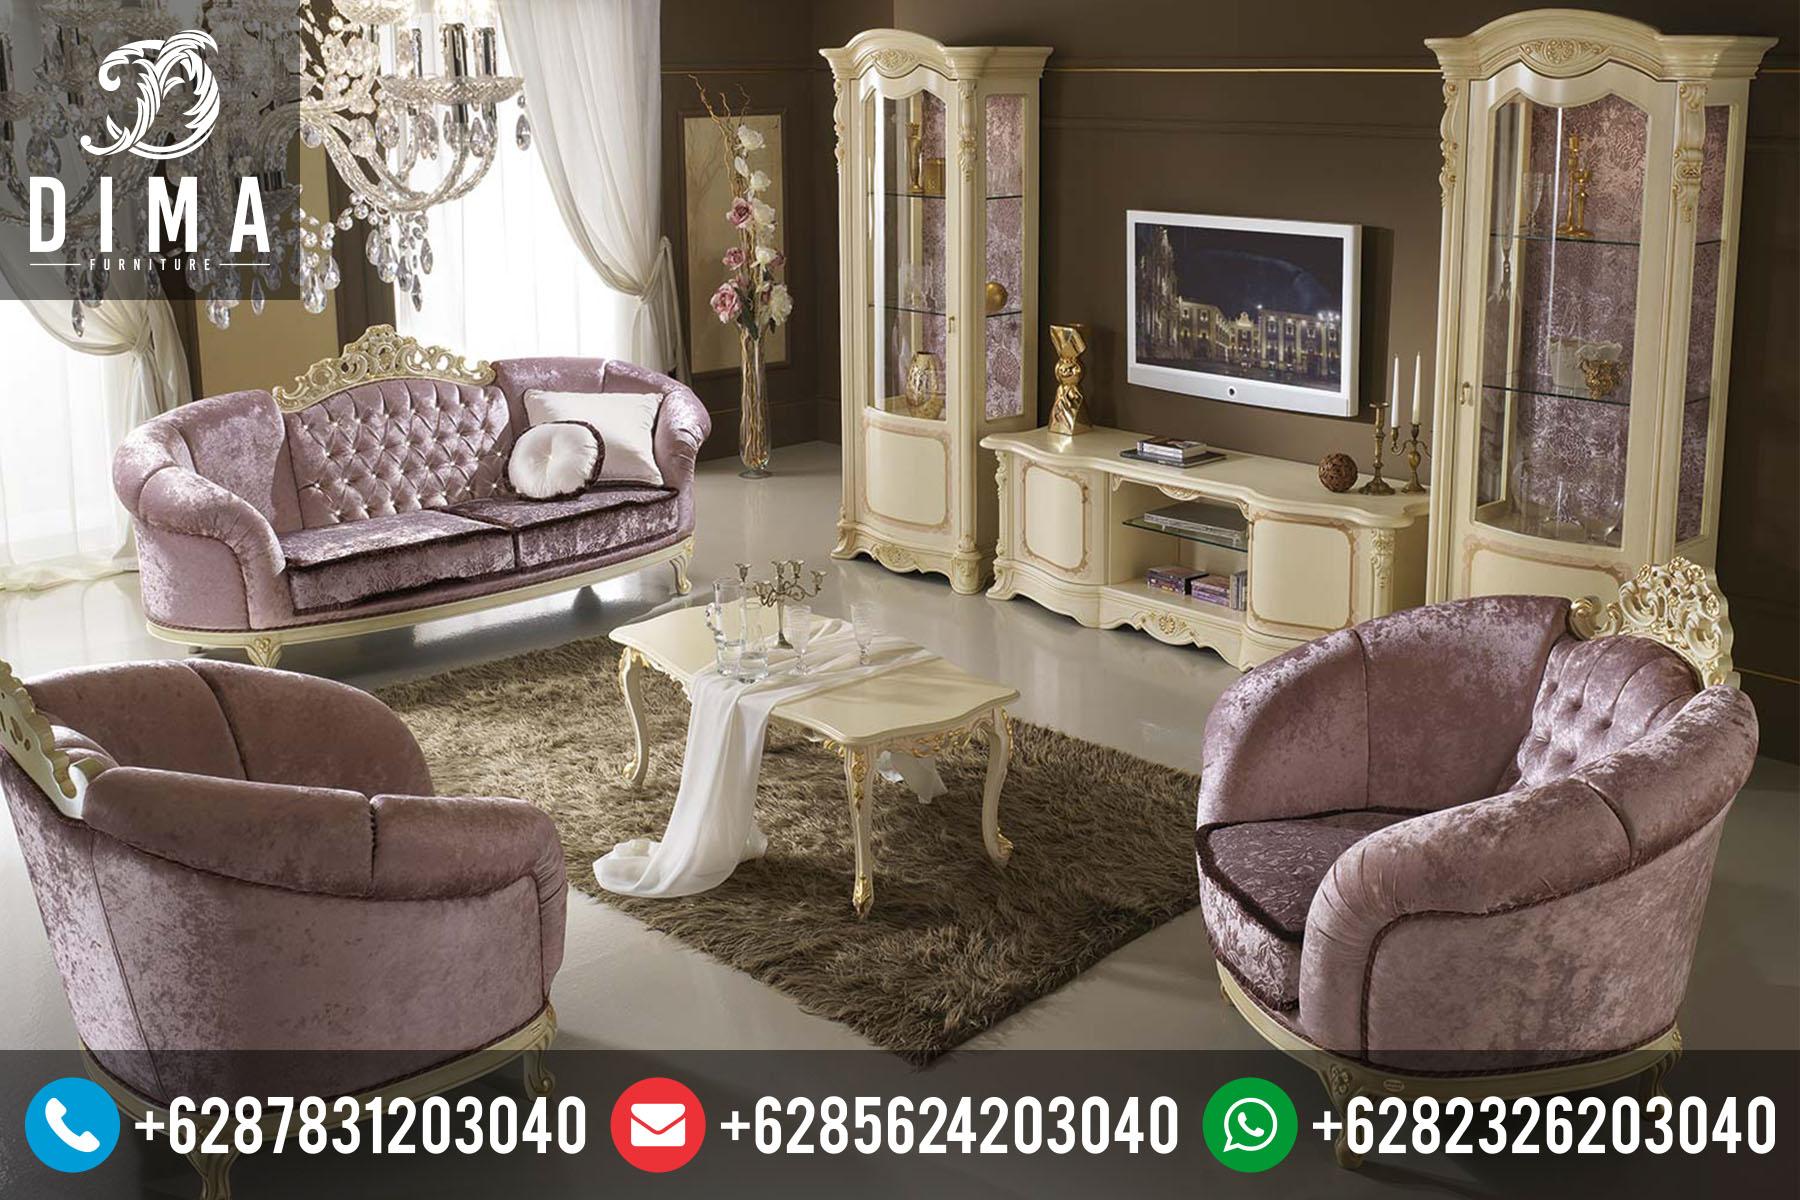 Mebel Murah Jepara Set Sofa Kursi Tamu Rococo Mewah Terbaru ST-0055